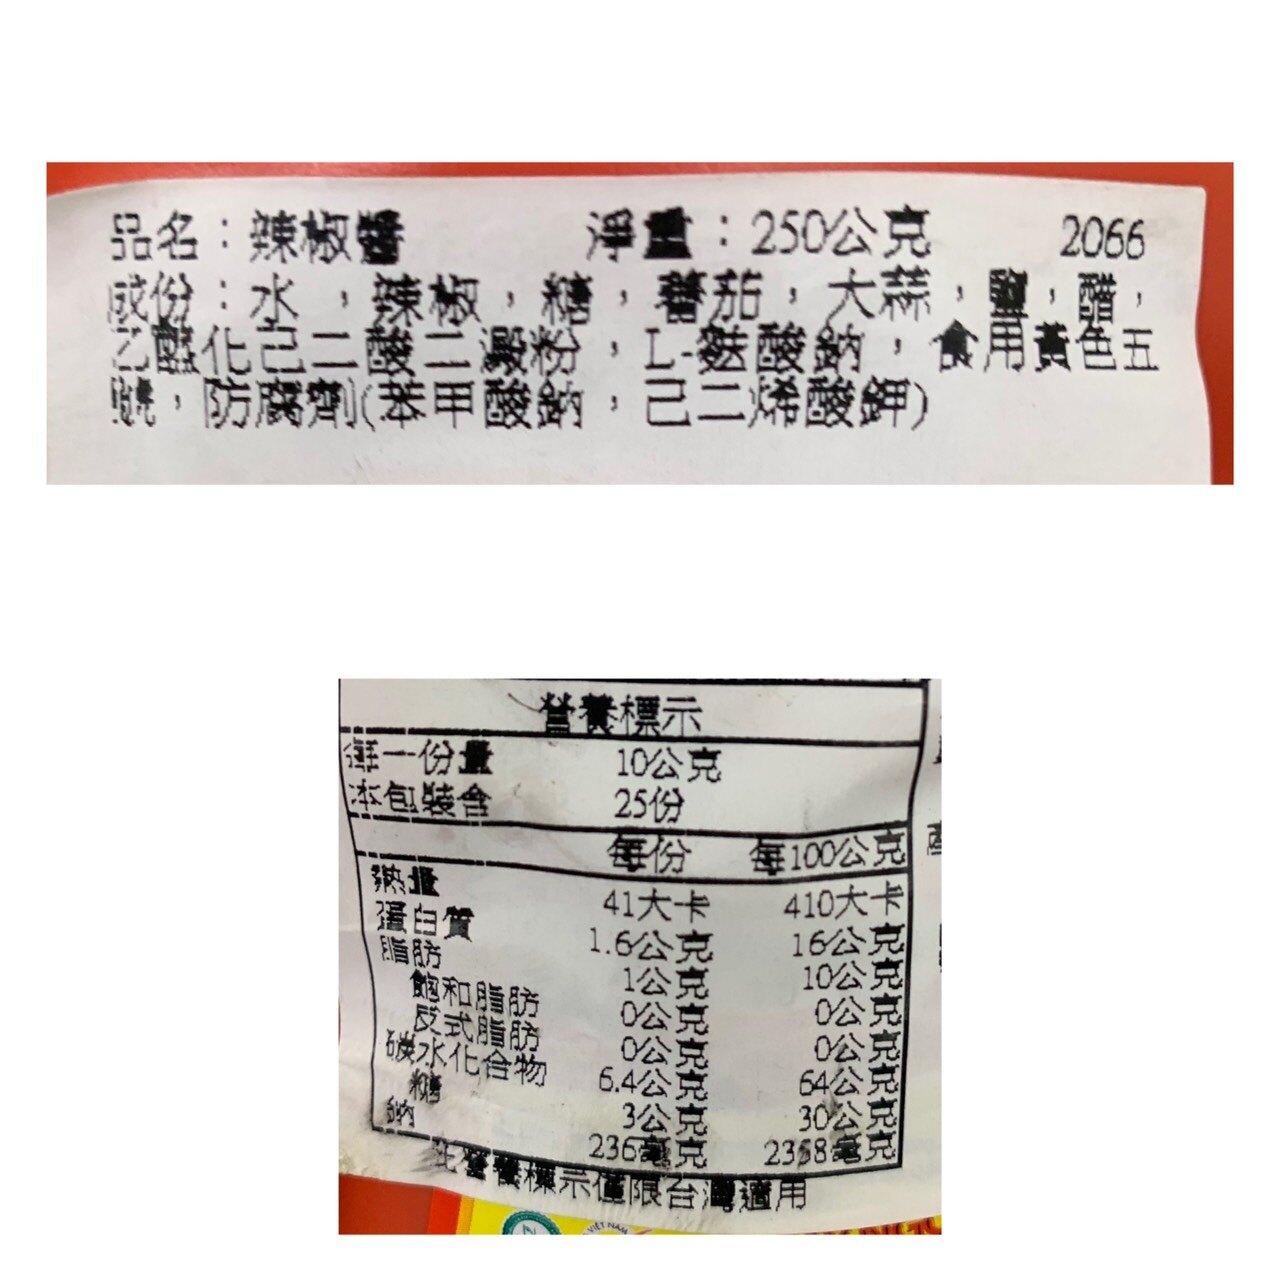 {泰菲印越} 越南 cholimex 蒜頭辣椒醬 250克